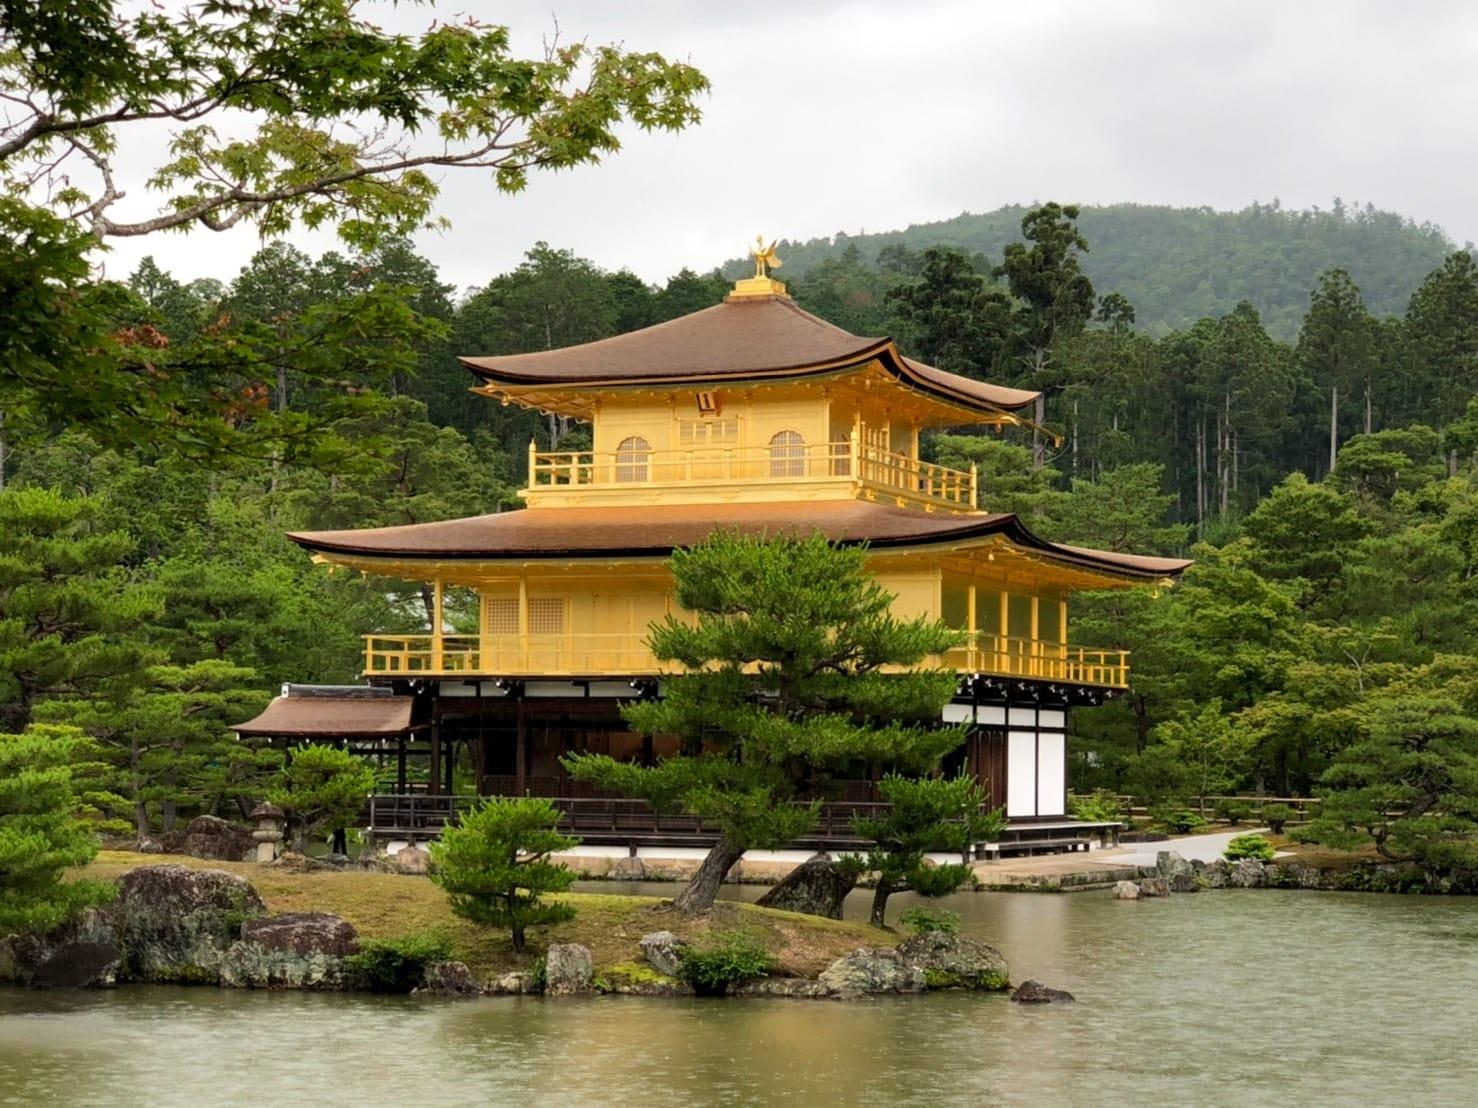 「京都いってきました」06/14(月) 10:36   橋本えりかの写メ日記